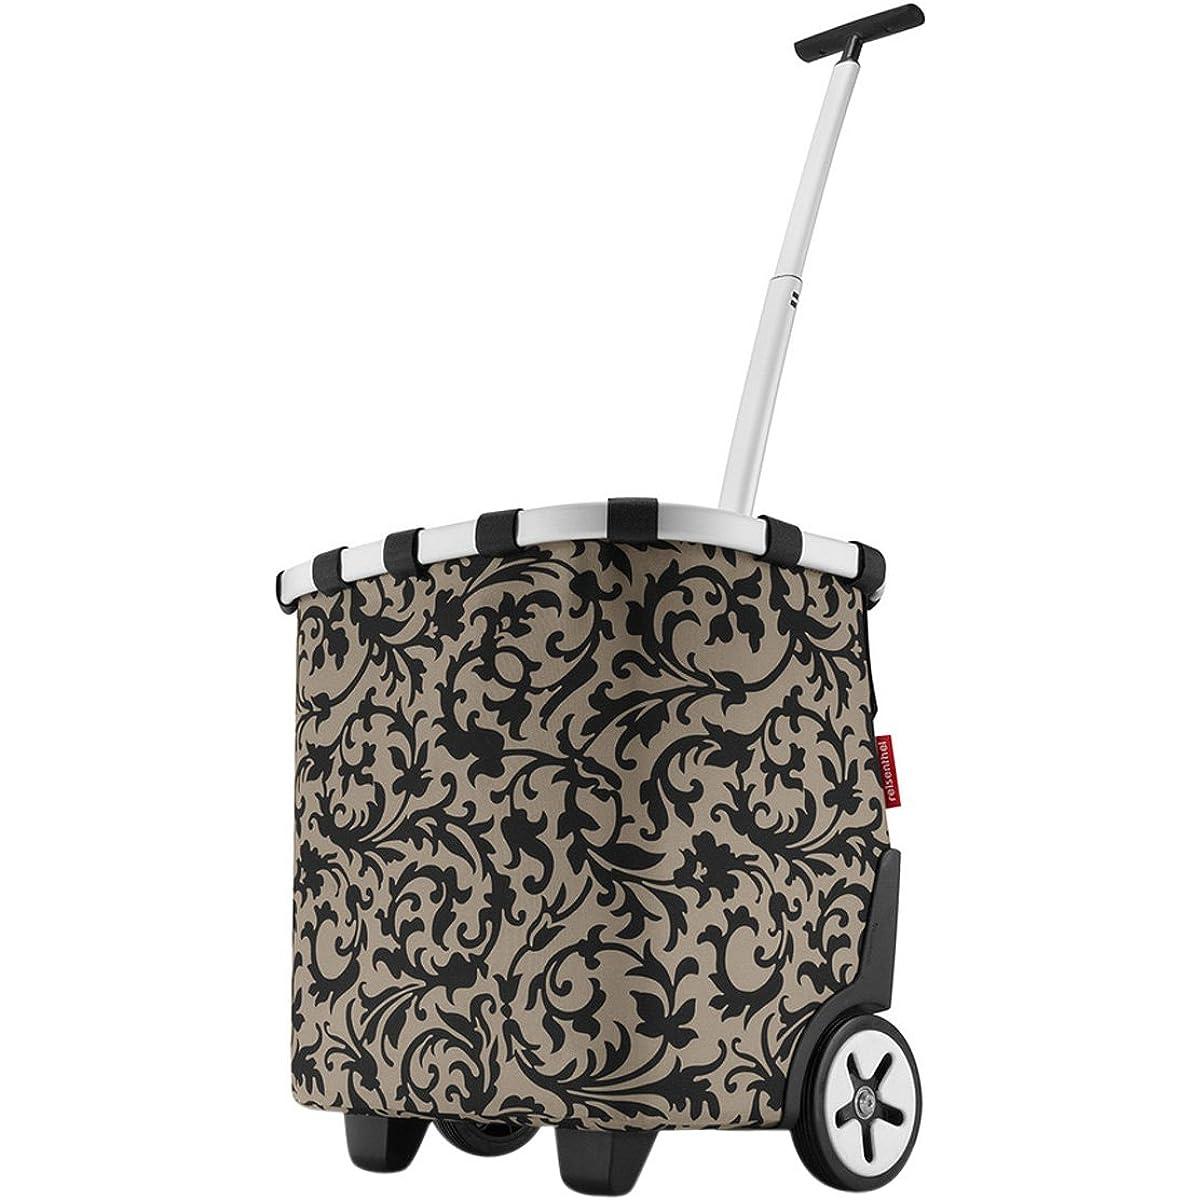 Die Einkaufstrolleys der Marke Reisenthel sind unter den Nutzern besonders beliebt.